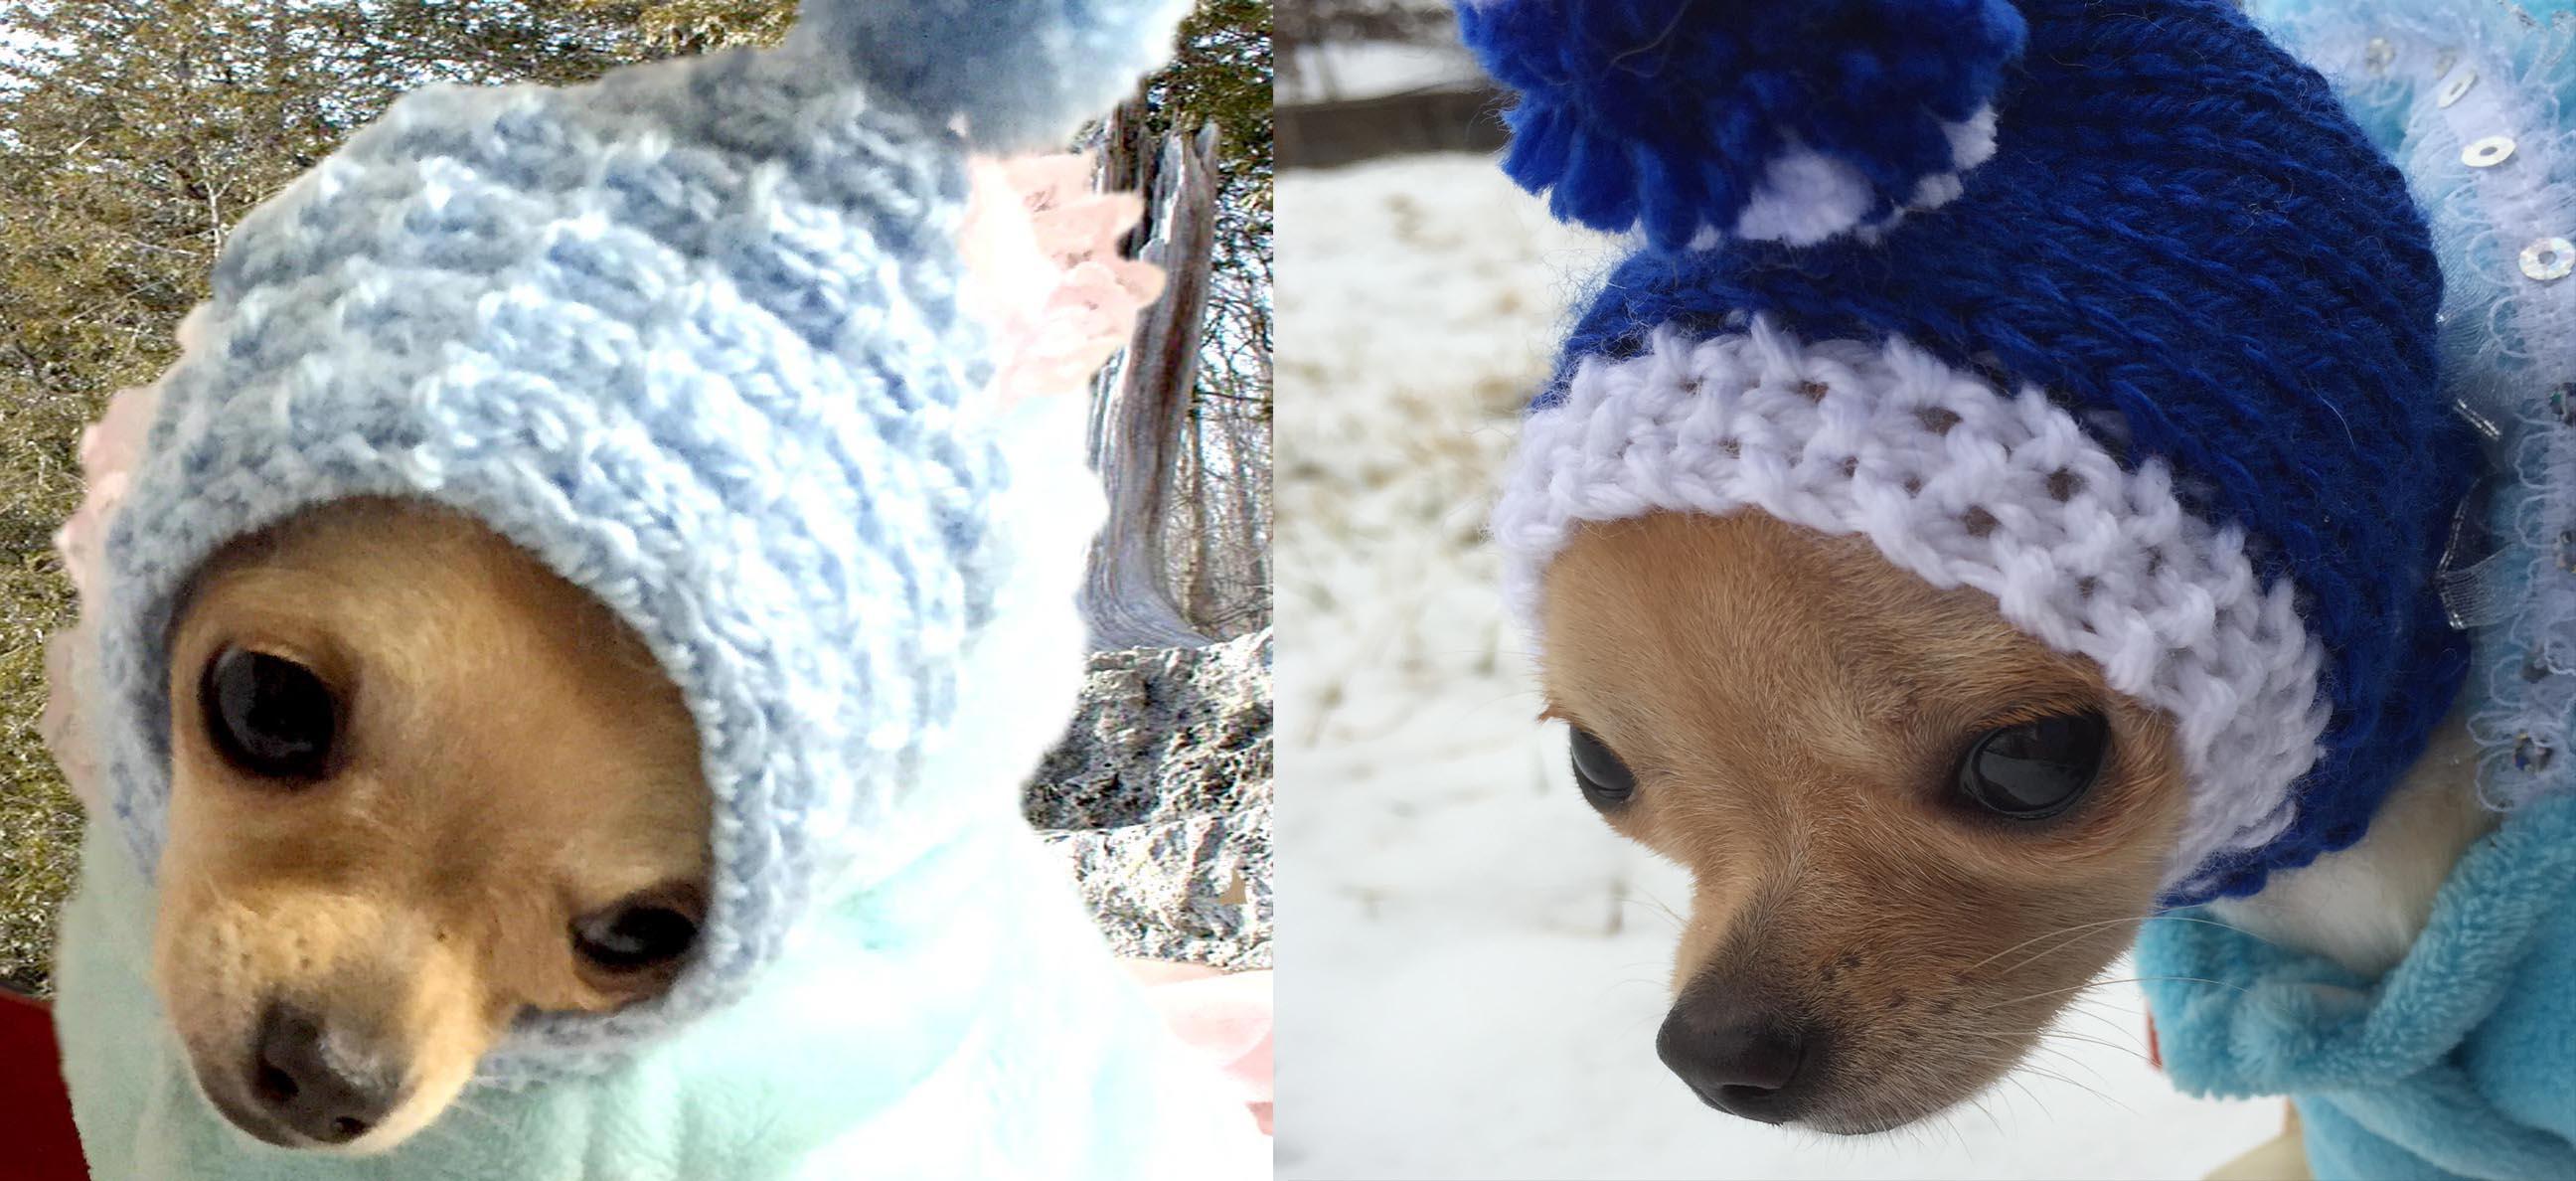 84658055171 xxxs vs xxs chihuahua hat size comparison